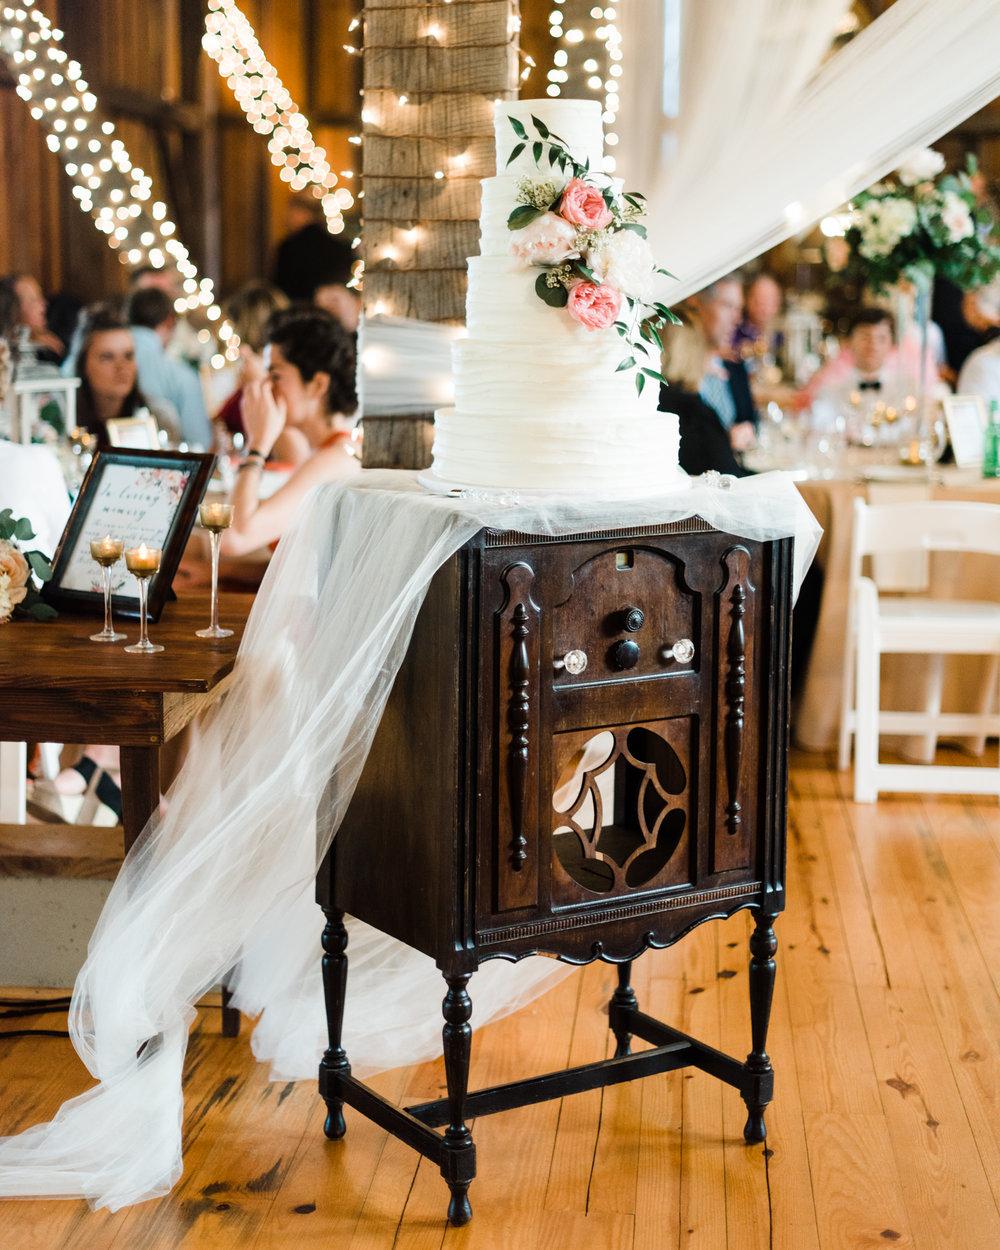 Sorella-farms-barn-wedding-venue-lynchburg-film-photographer-84.jpg